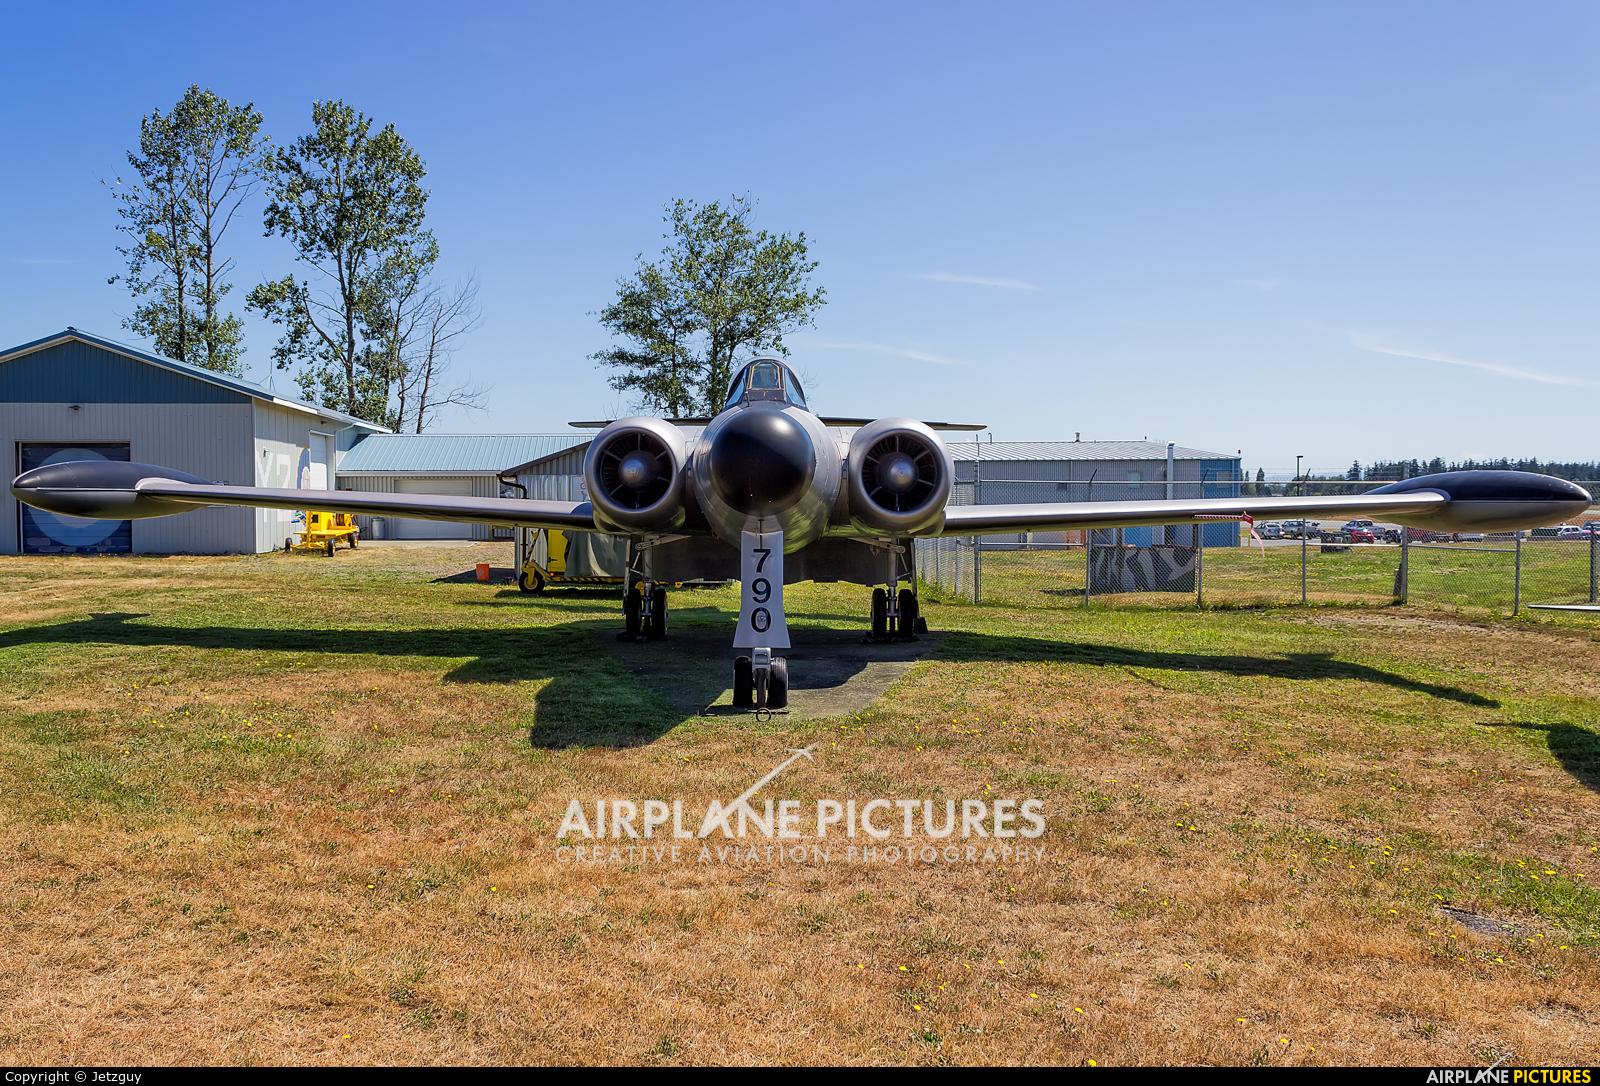 Canada - Air Force 18790 aircraft at Comox, BC